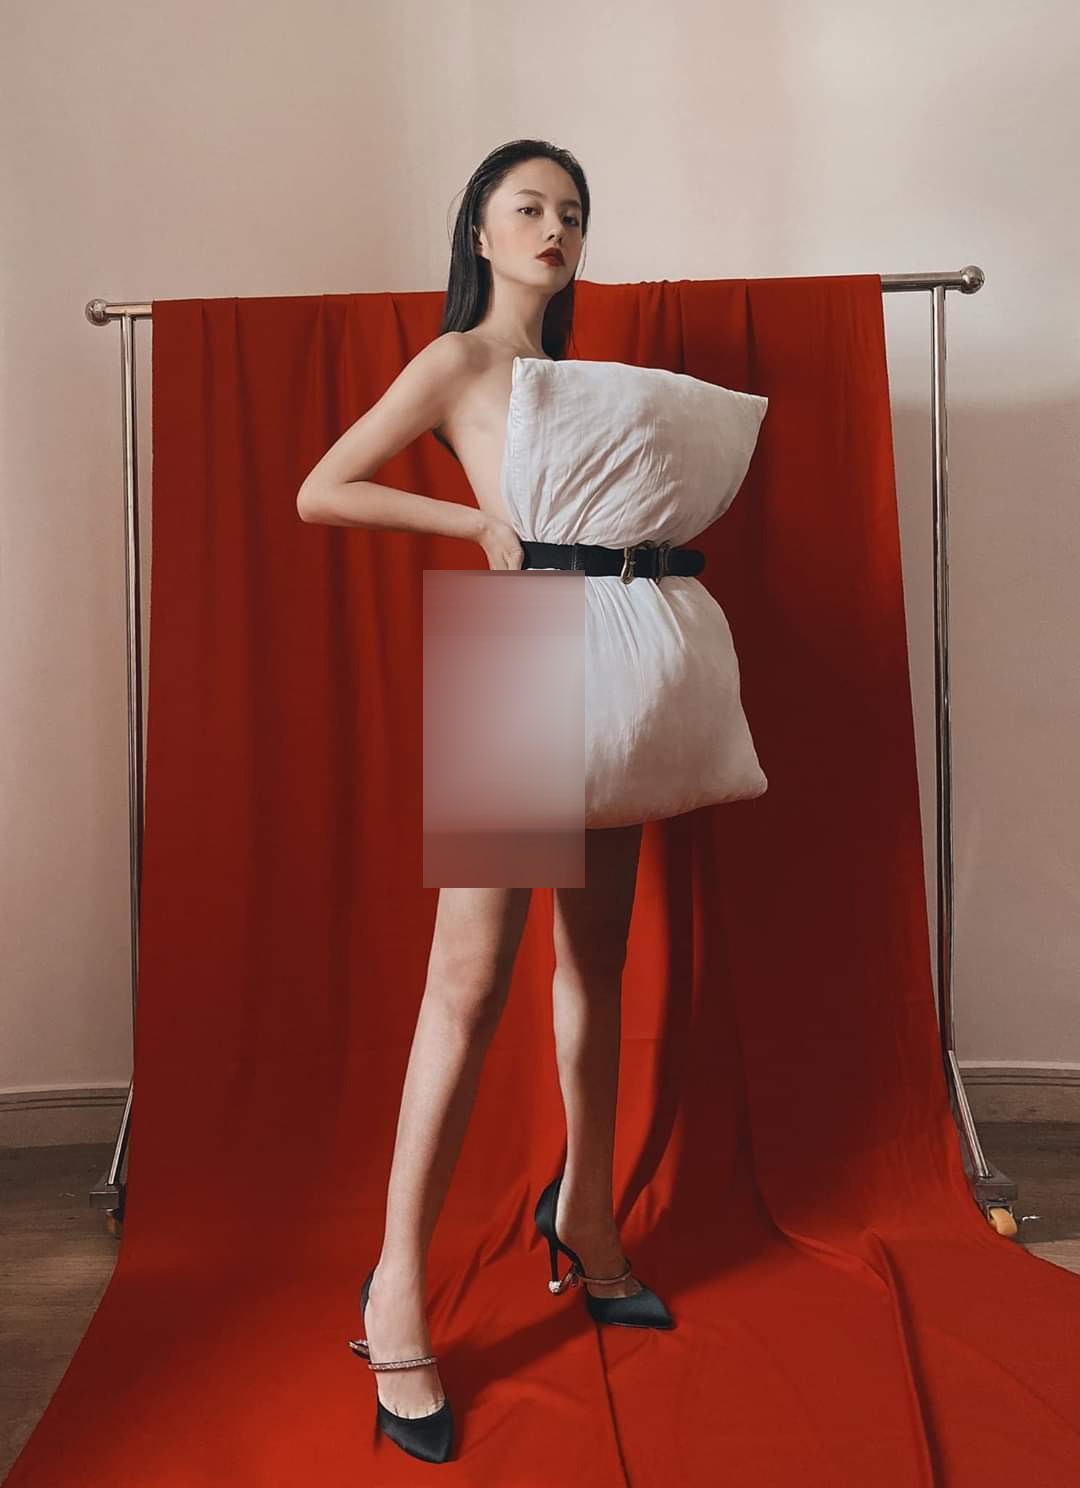 Thời trang với gối ôm, mỹ nhân Việt lạ lẫm vẫn gợi cảm